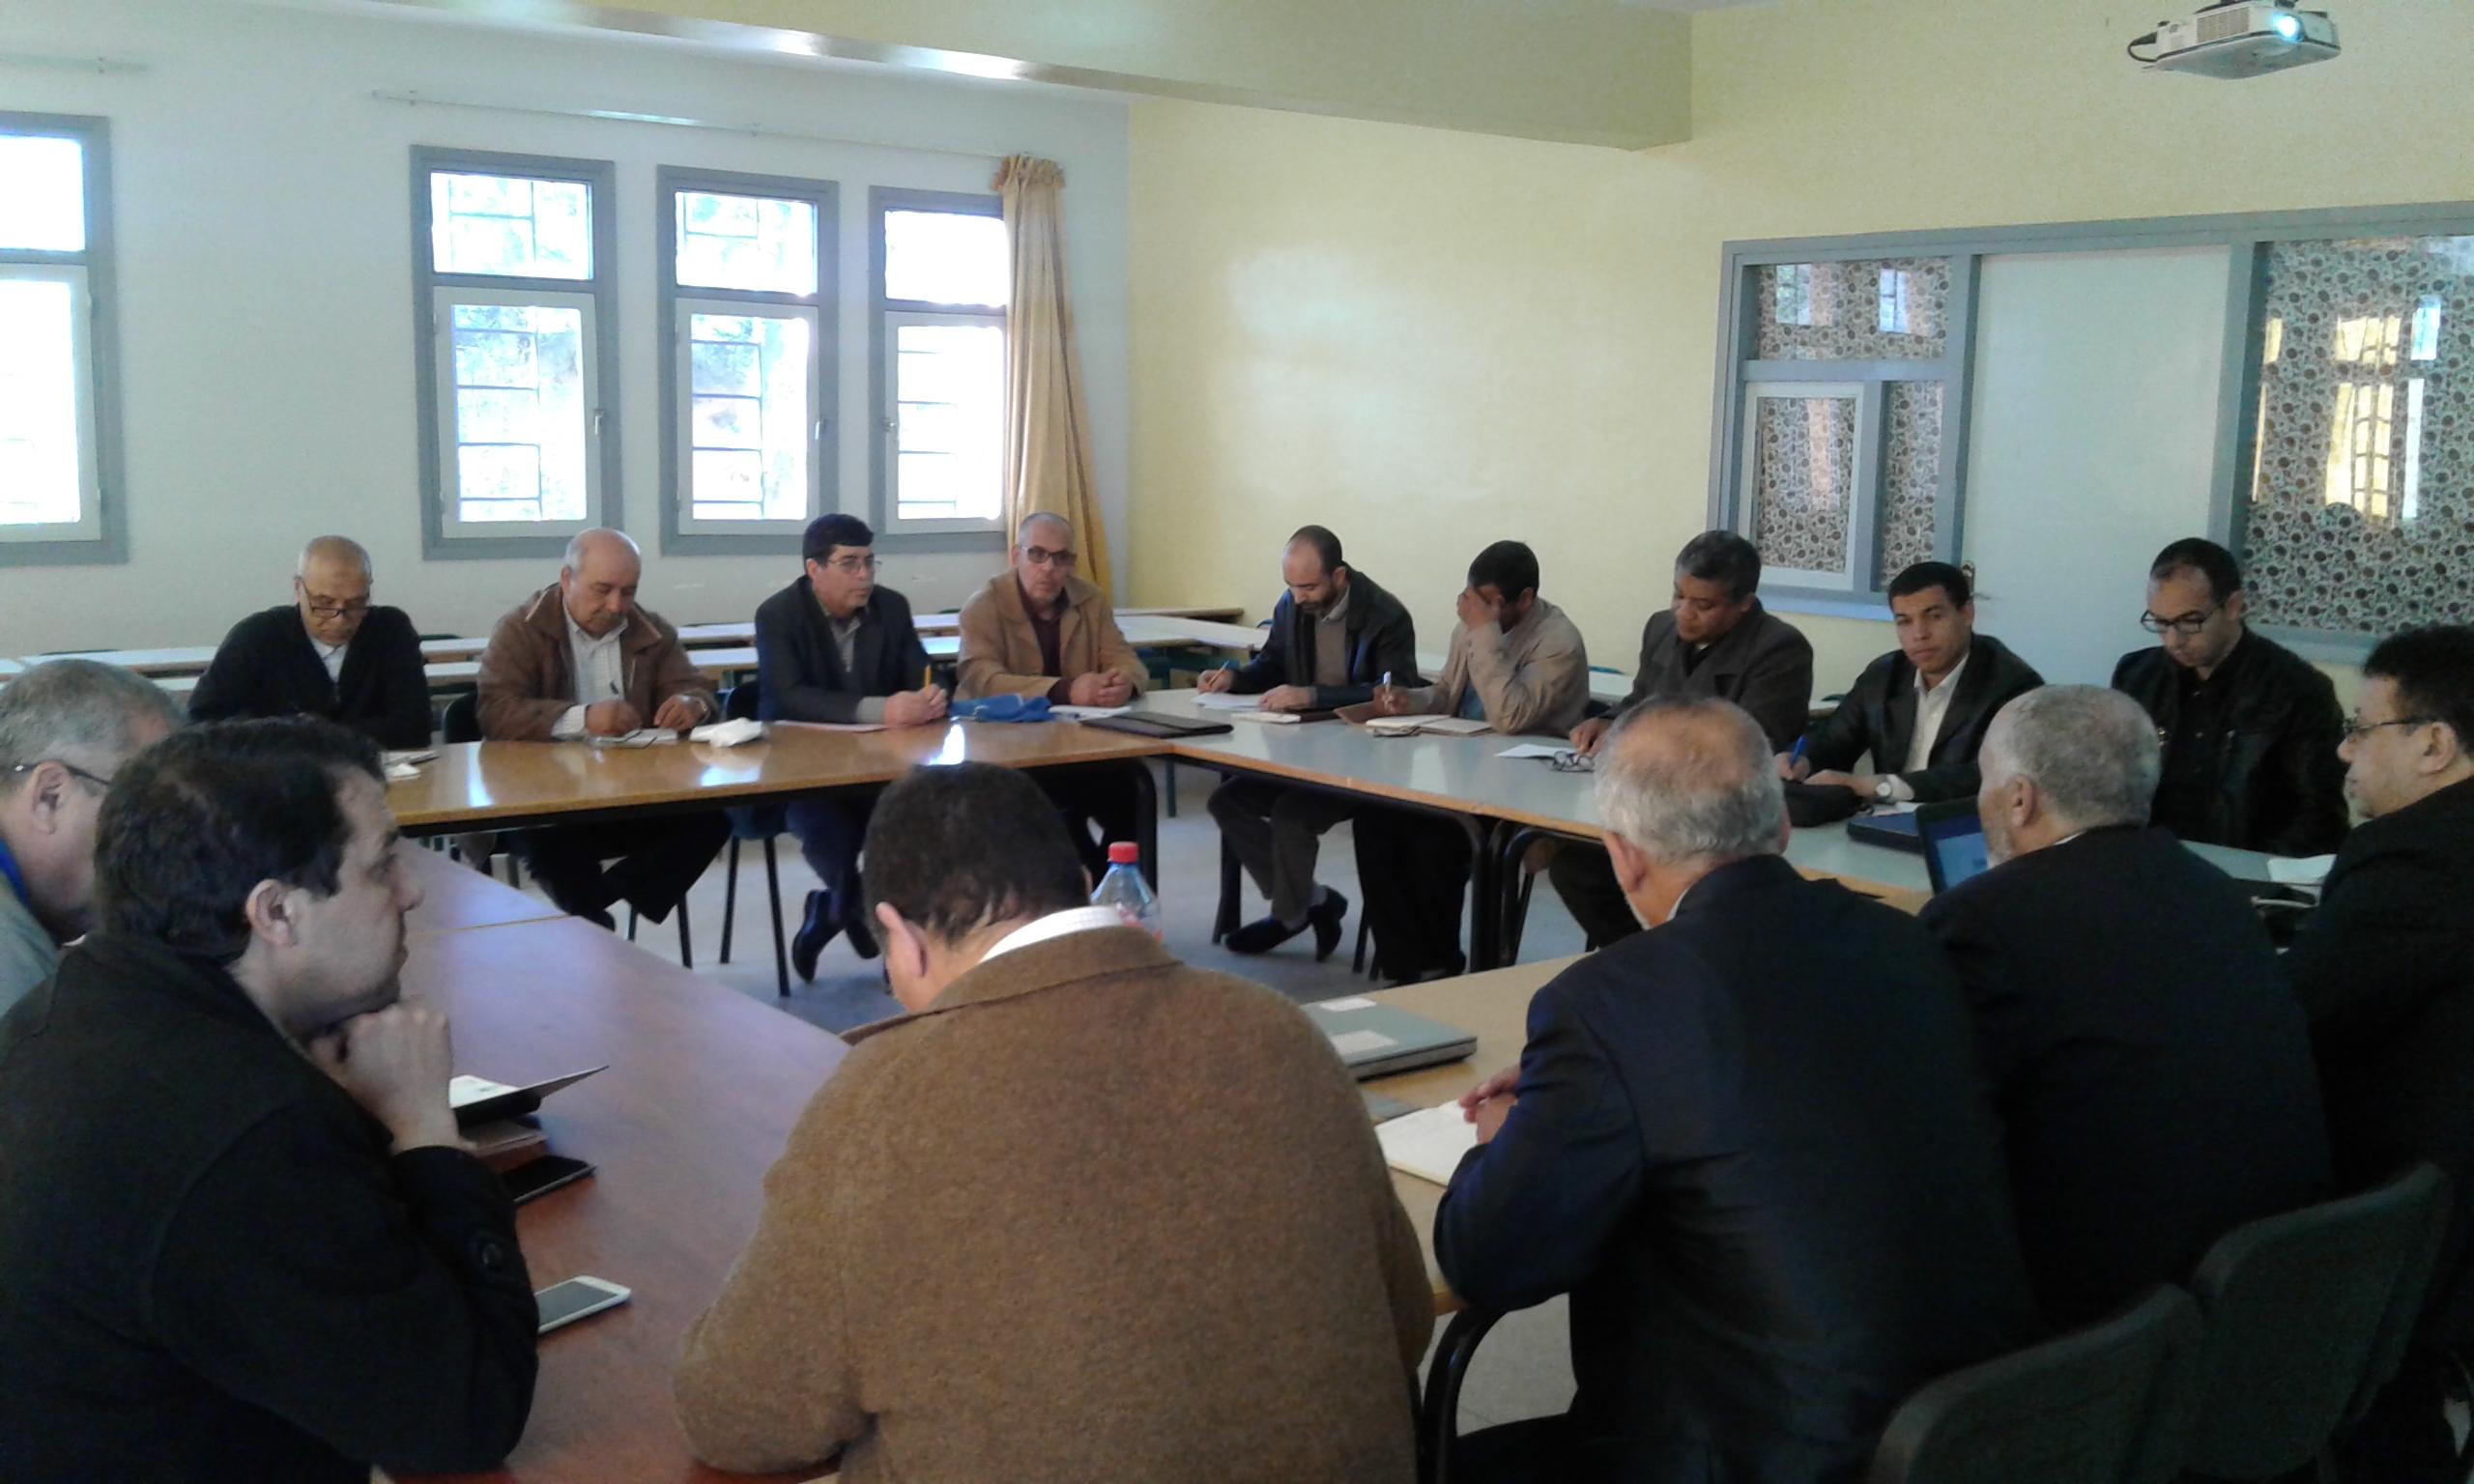 جماعة الممارسات المهنية ابن ماجة تعقد لقاء حول استثمار النتائج الدراسية للاسدس الأول